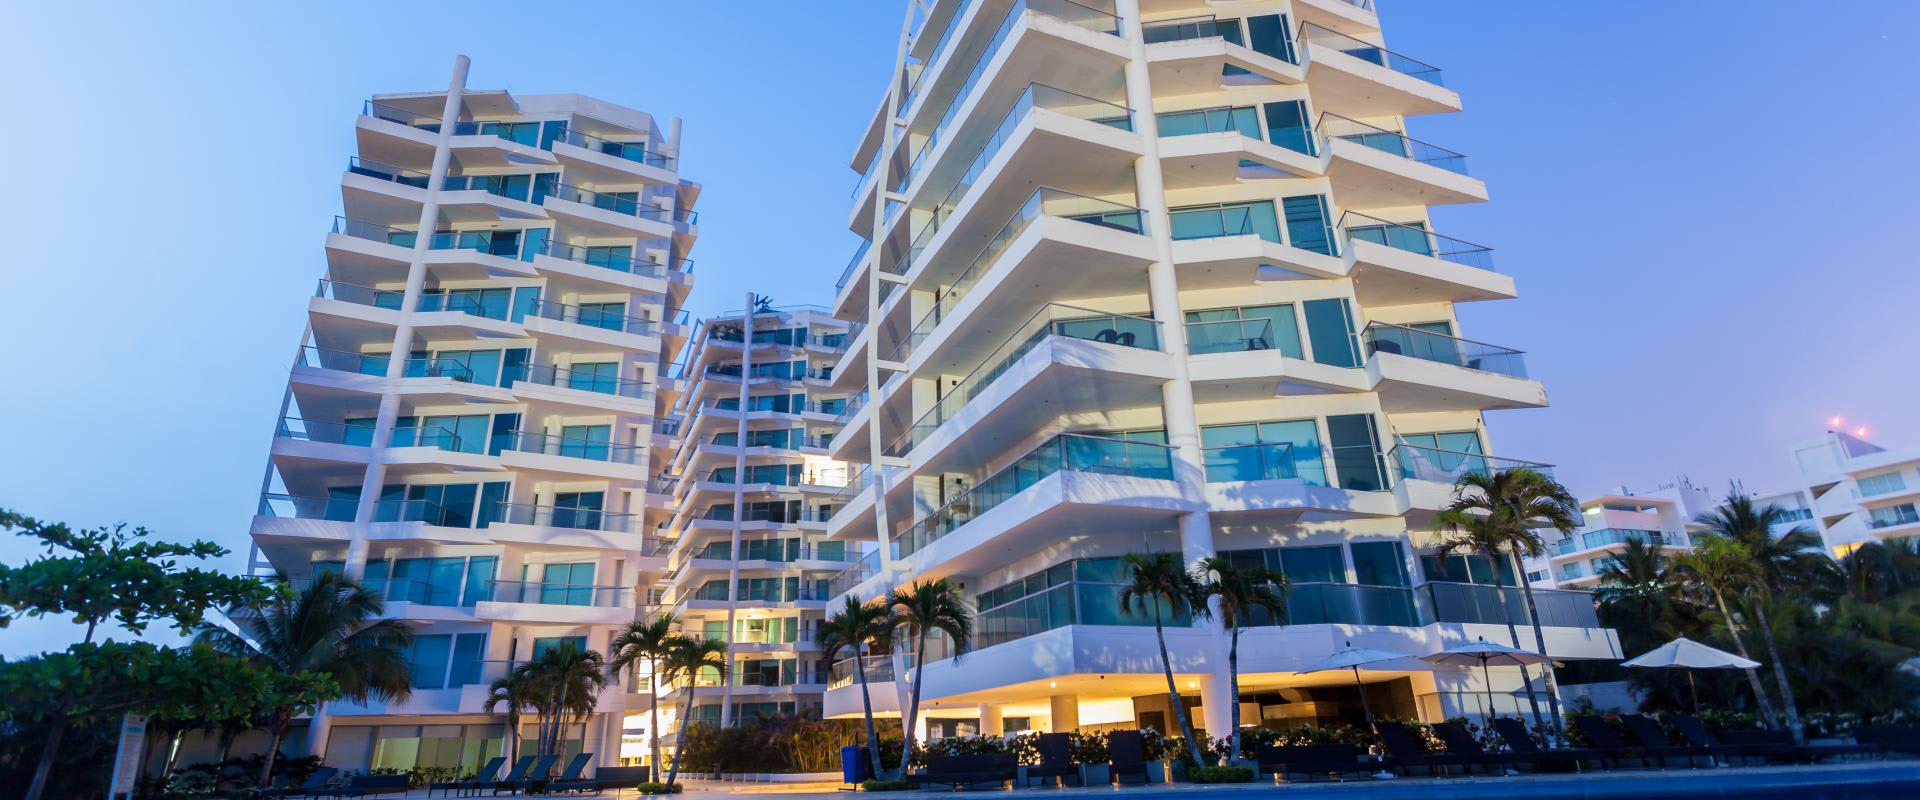 sonesta-hotel-cartagena-exterior-pool